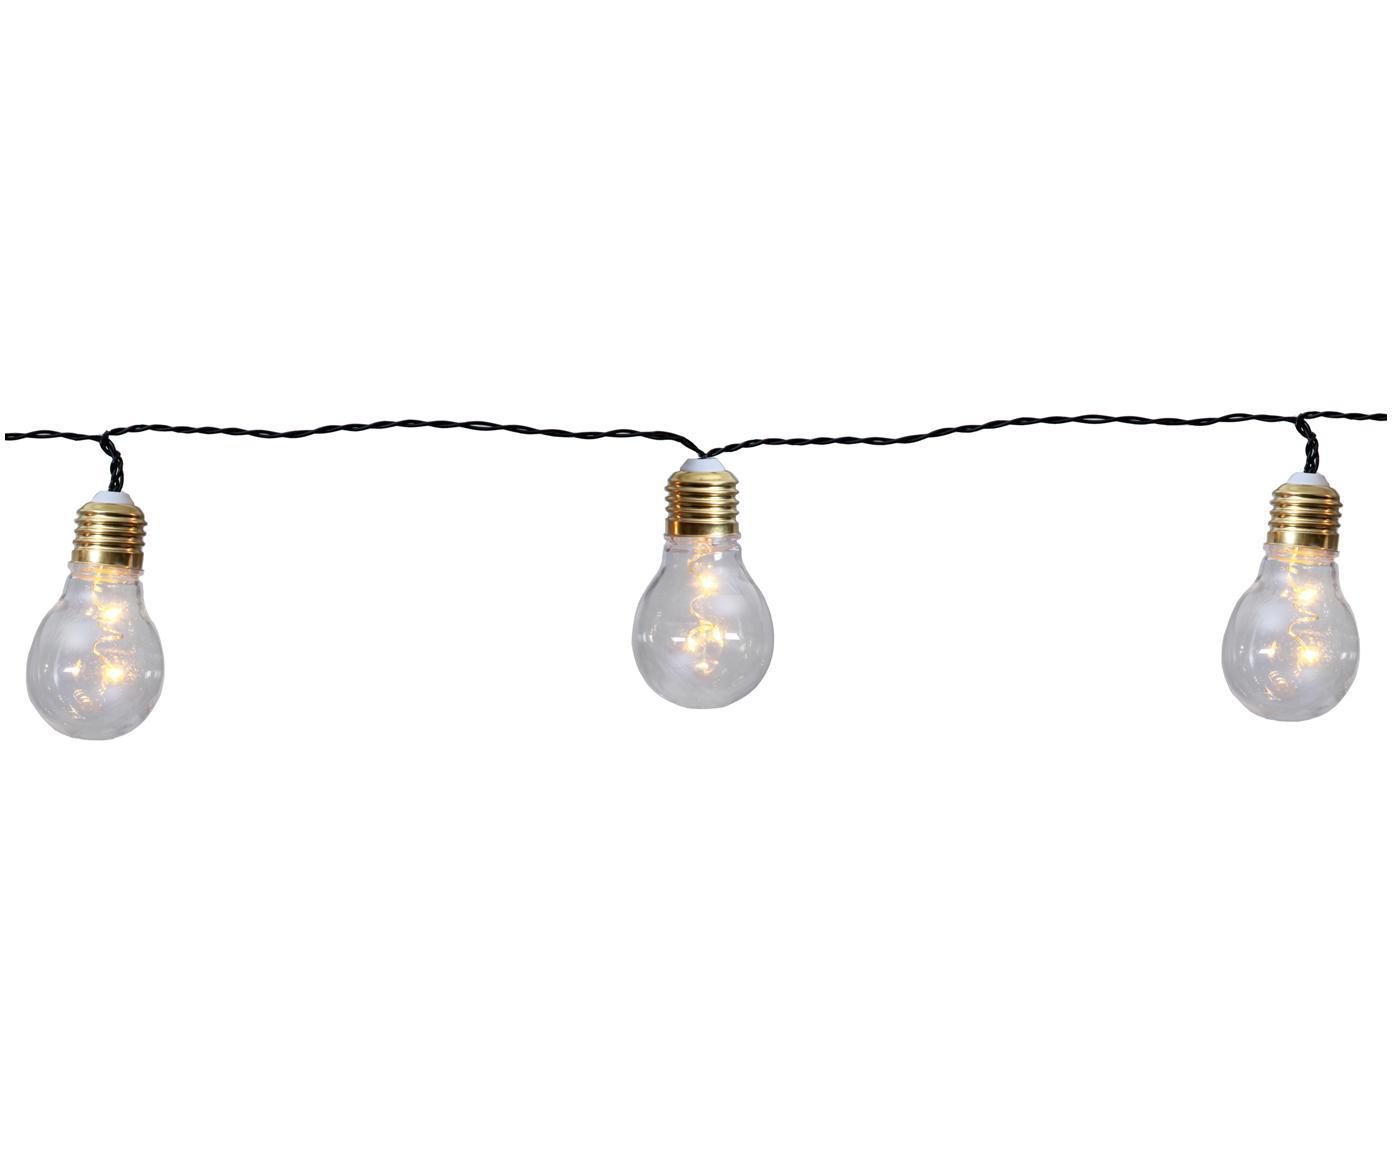 Girlanda świetlna LED Bulb, 100 cm, Żarówka: transparentny, złoty <br>Kabel: czarny, D 100 cm